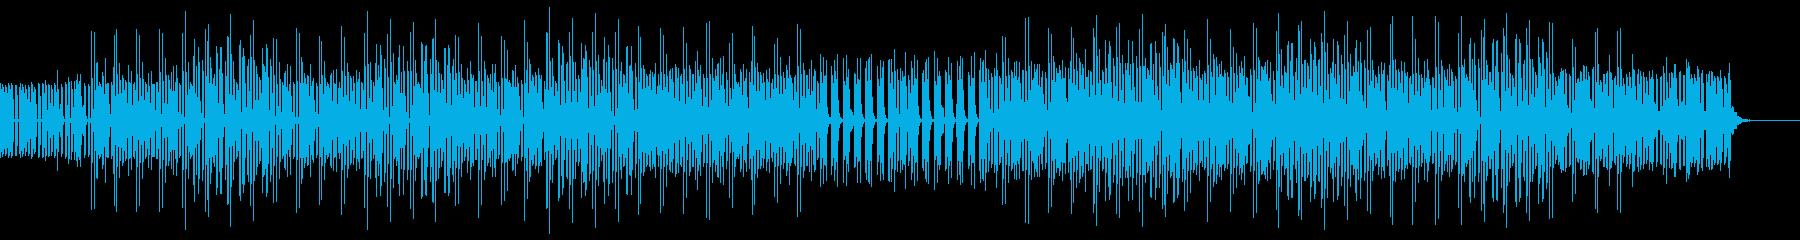 *ファンキーで明るく楽しいサウンド♪の再生済みの波形